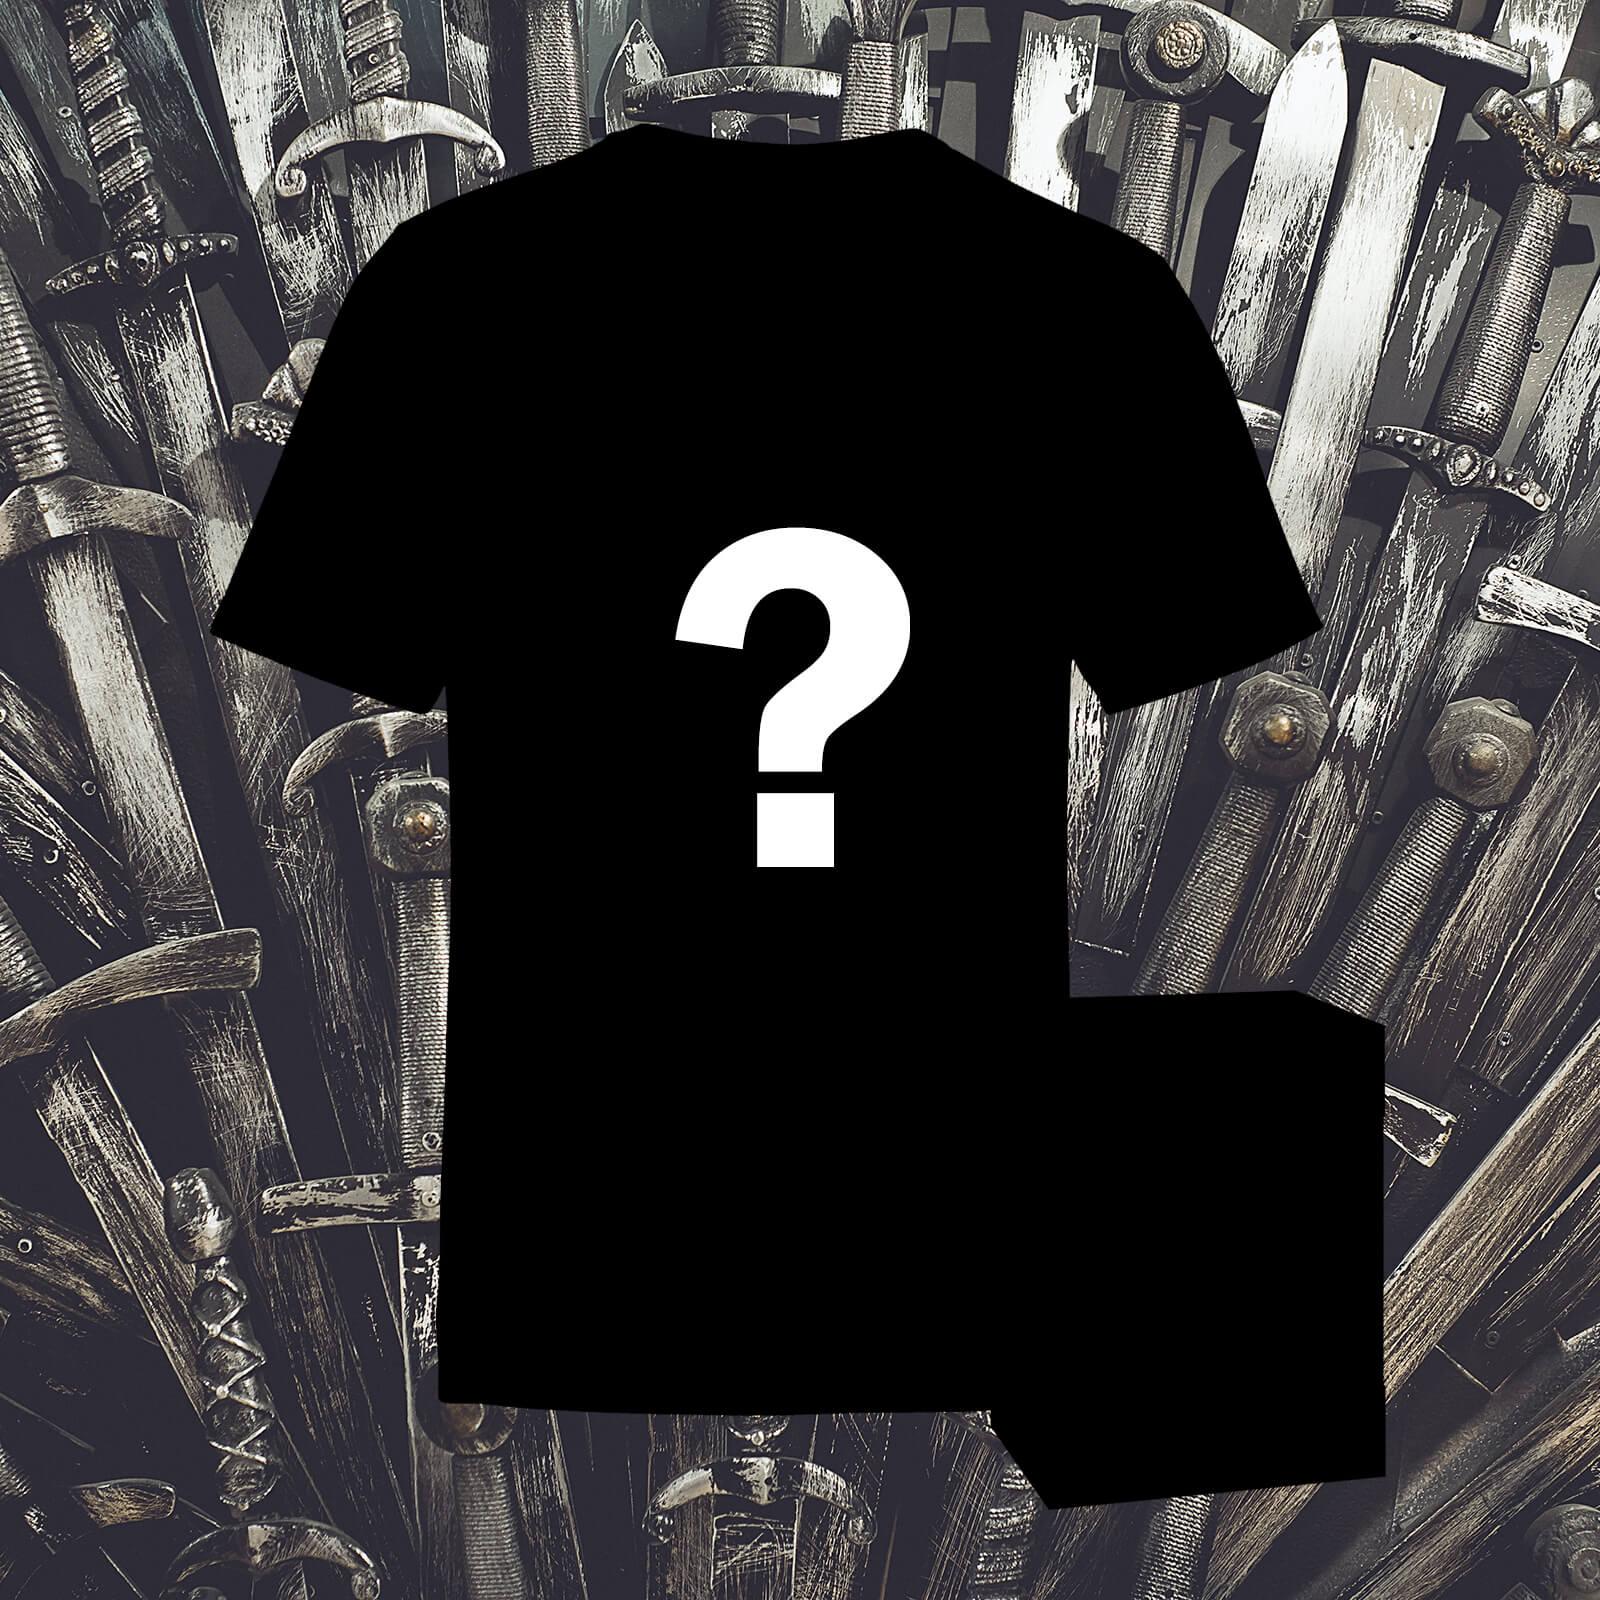 [Spoiler GoT] Tee-shirt Femme ou Homme (du XS au XXL) + figurine Funko Pop! du vainqueur de la série Game of Thrones